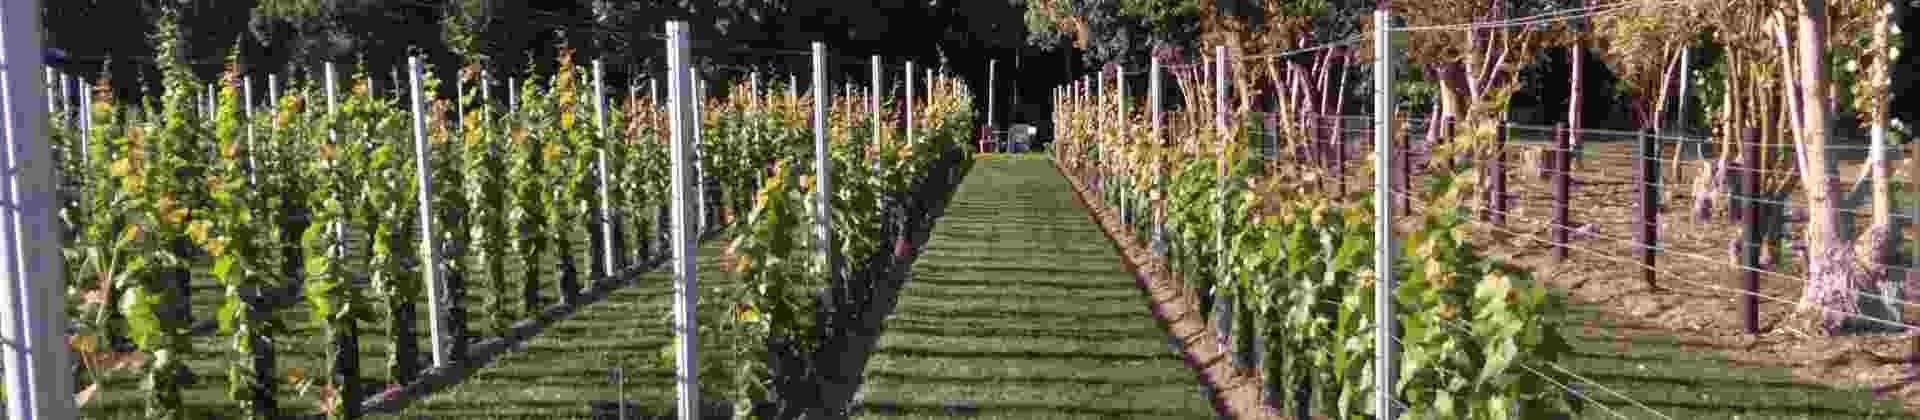 Nos variétés de pieds de vigne